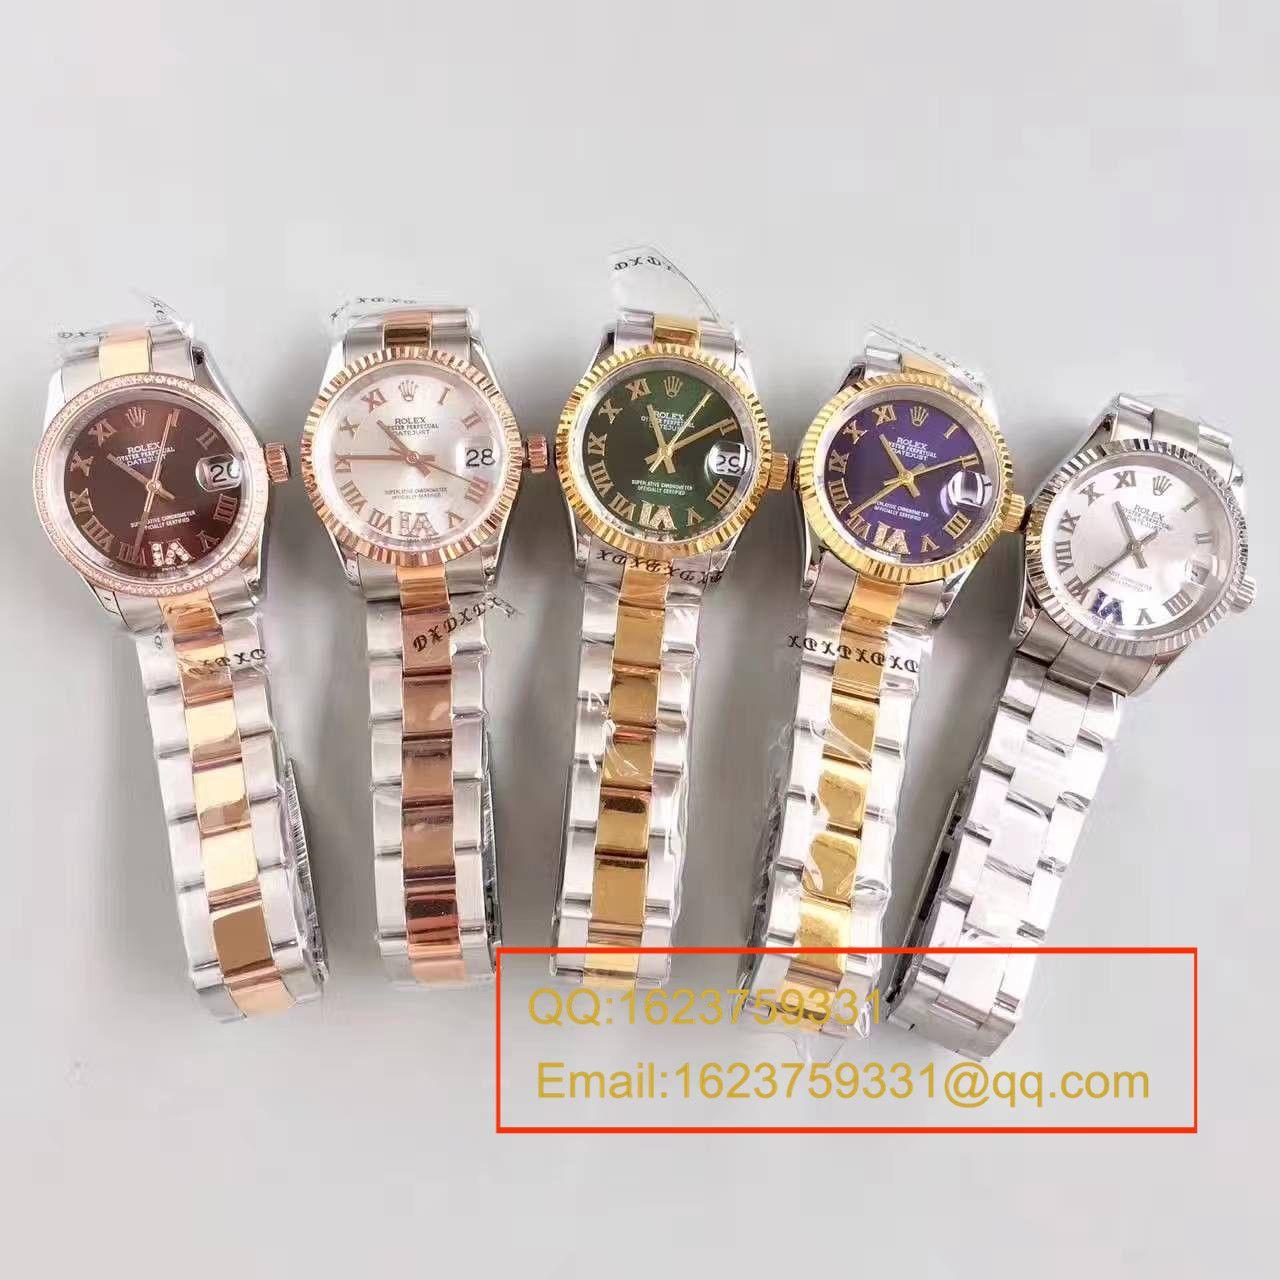 【台湾厂超A精仿手表】劳力士 女装日志型31系列178243-72163腕表  / RAG025